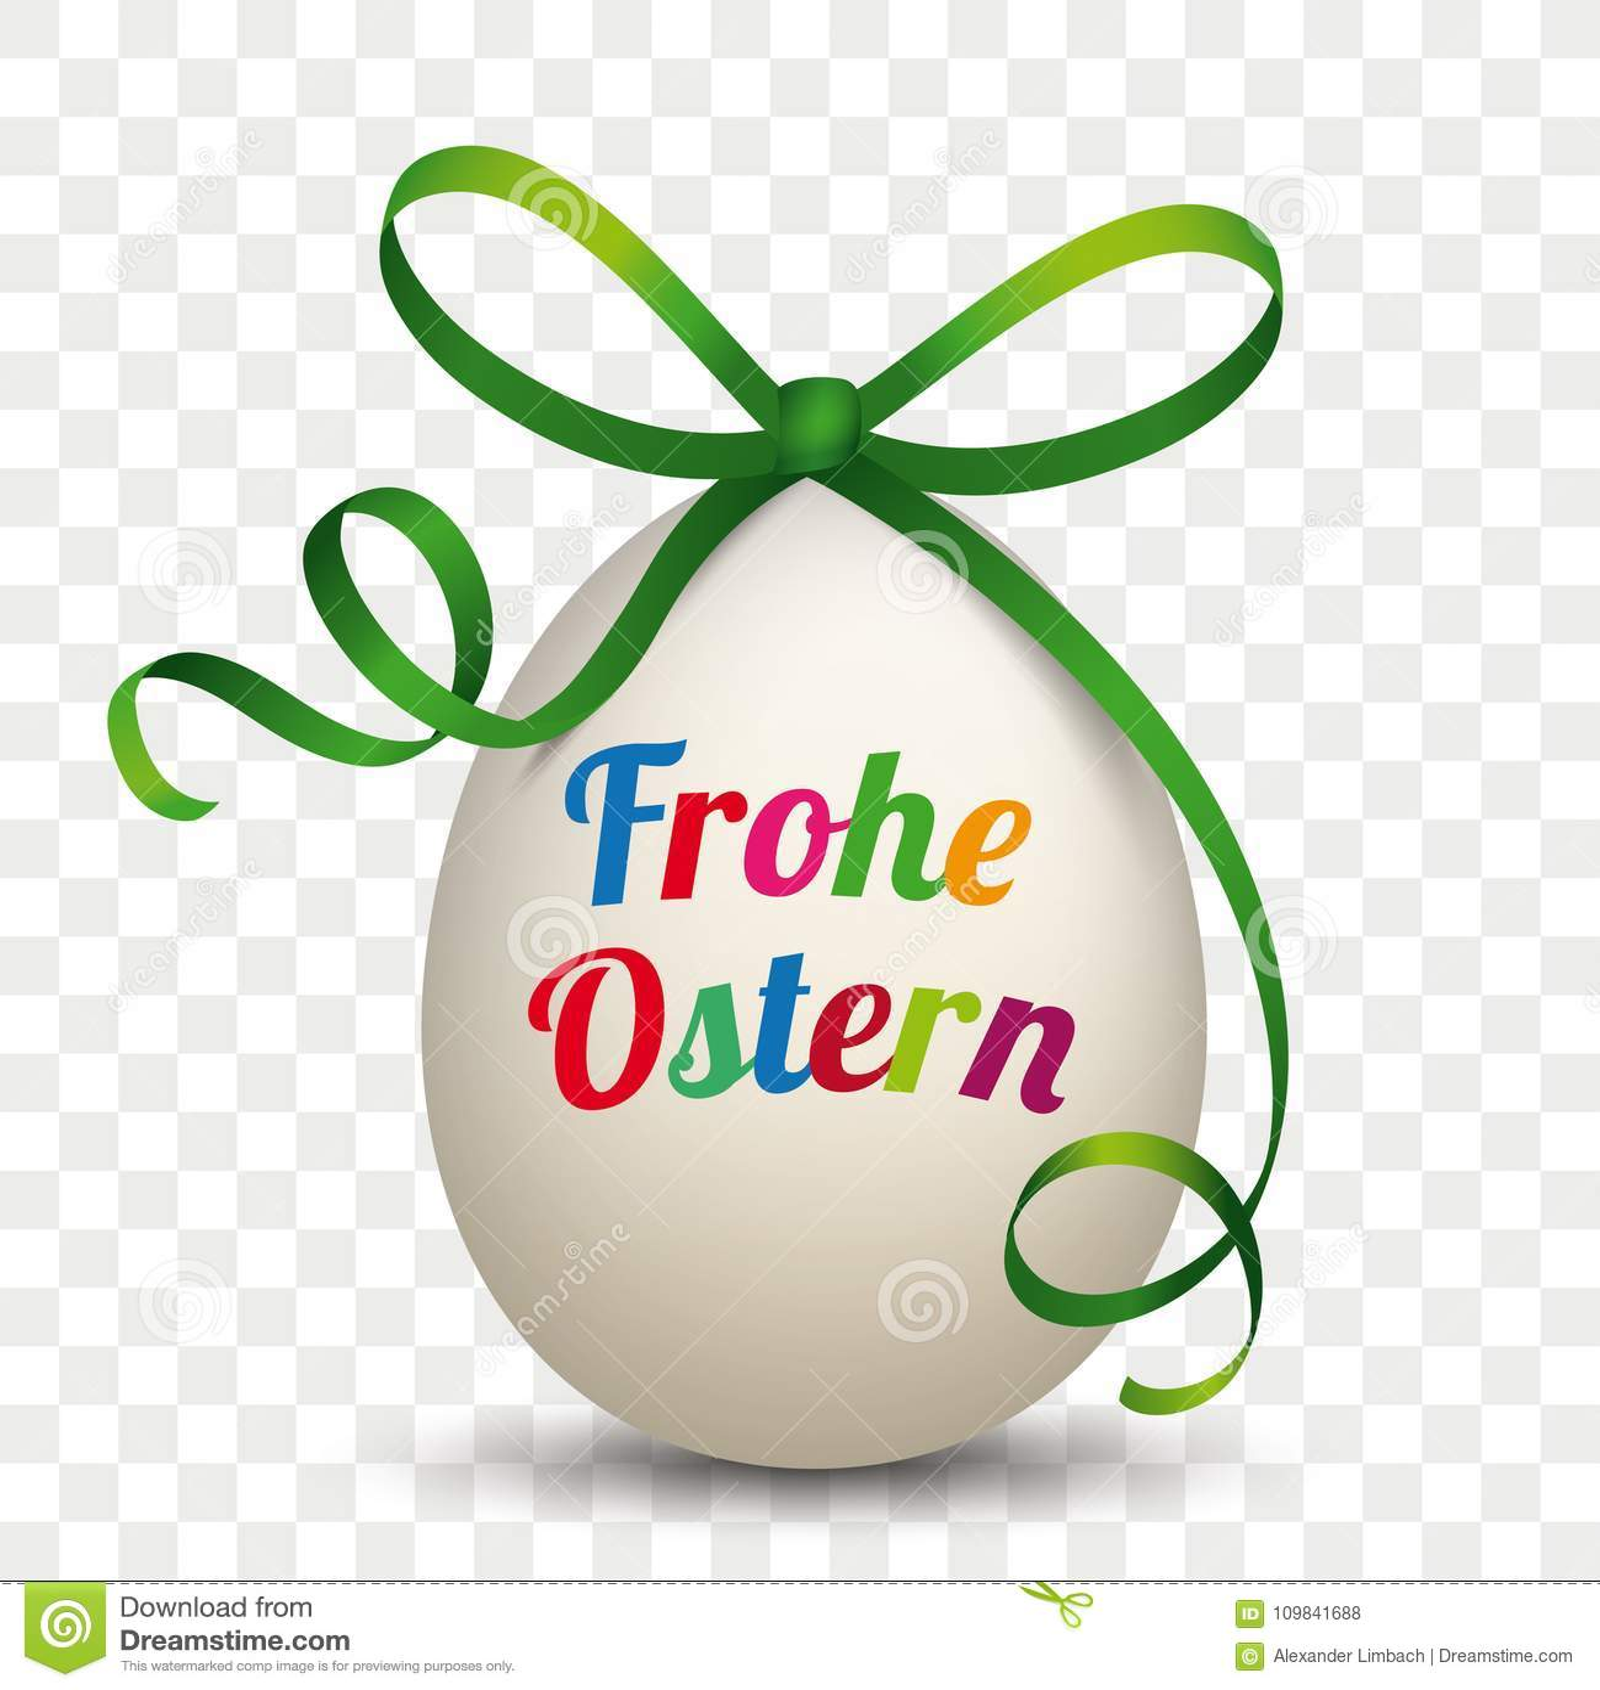 Fita natural Frohe Ostern do verde do ovo transparente